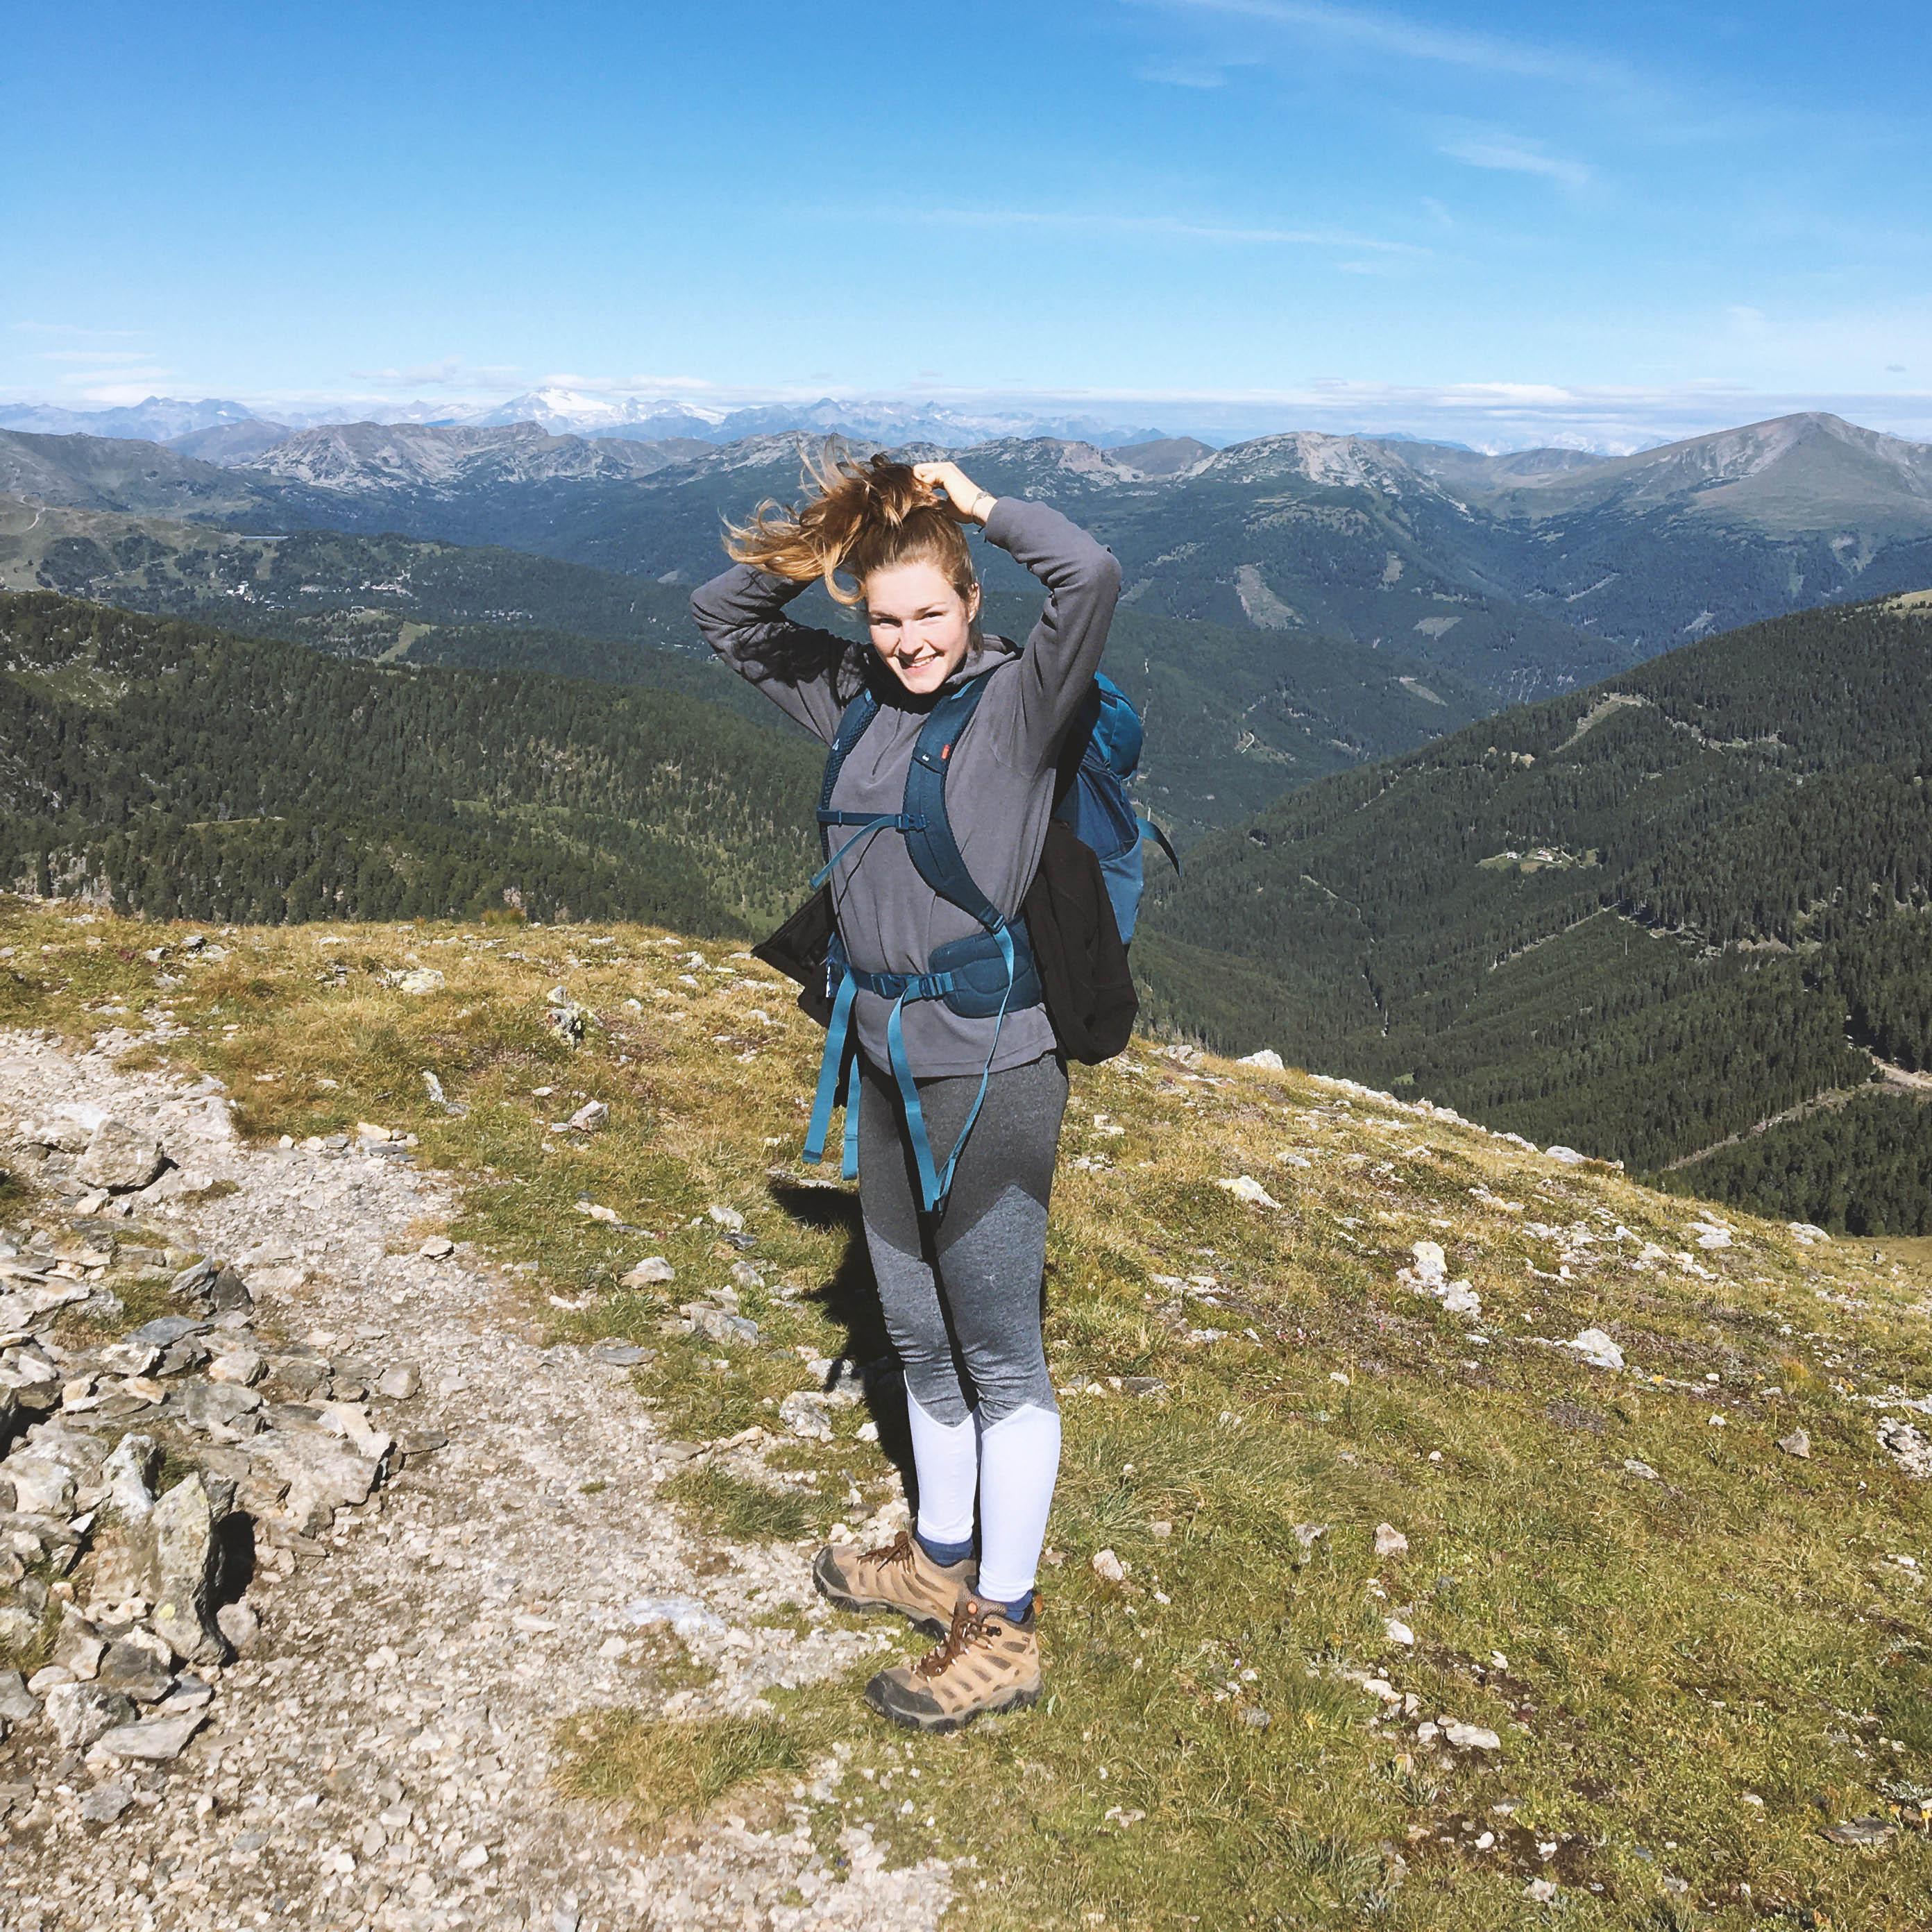 Franziska blickt mutig in die Zukunft: Sie will hoch hinaus!